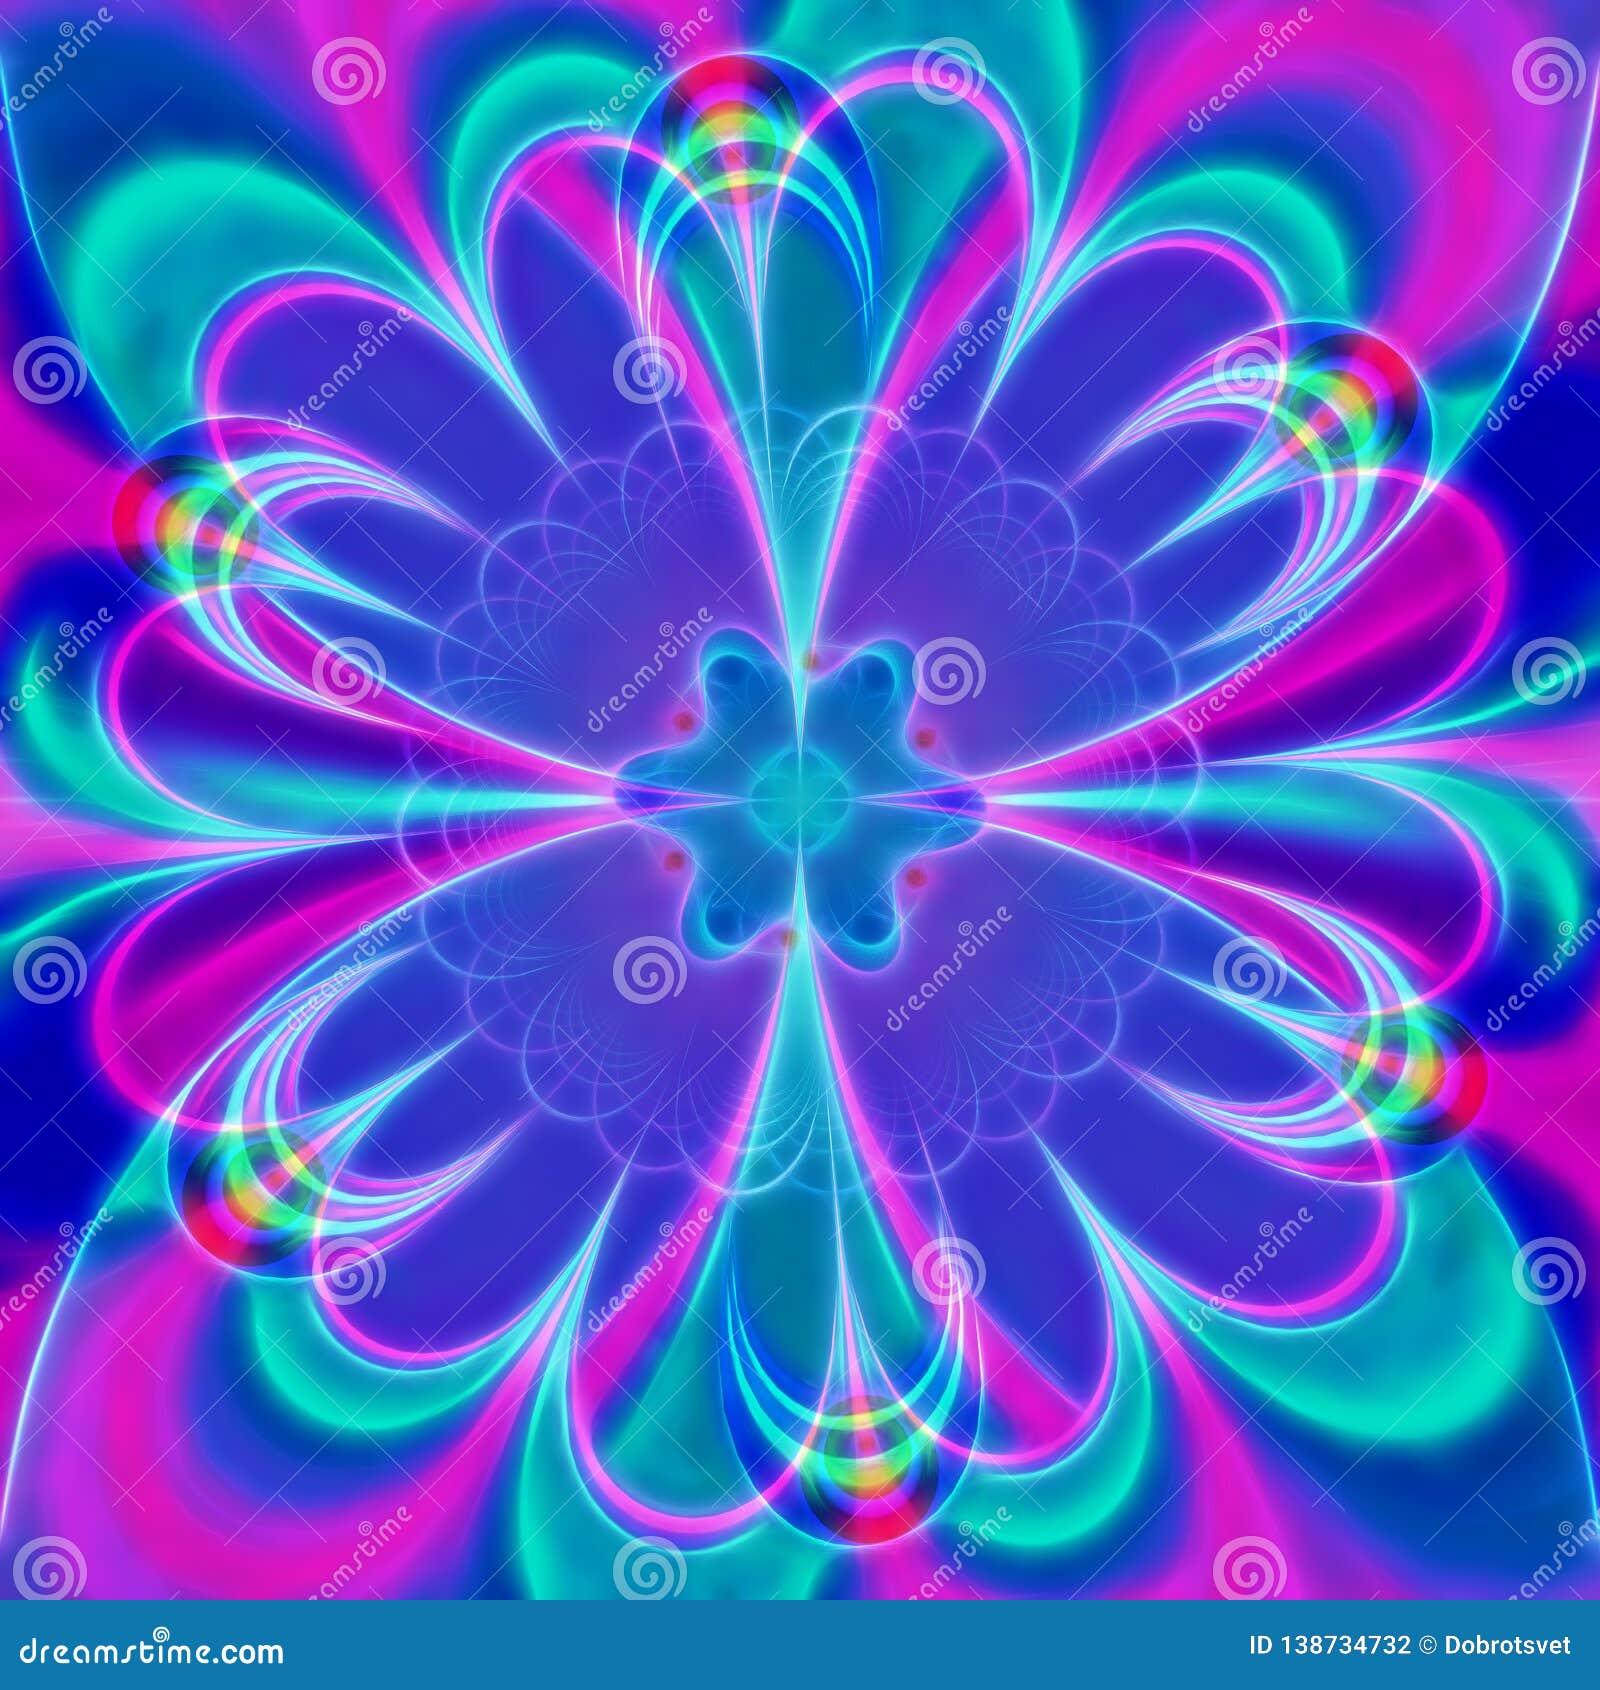 Ψηφιακό ιώδες λουλούδι, υπολογιστής που παράγονται, τρισδιάστατη δίνοντας fractal τέχνη